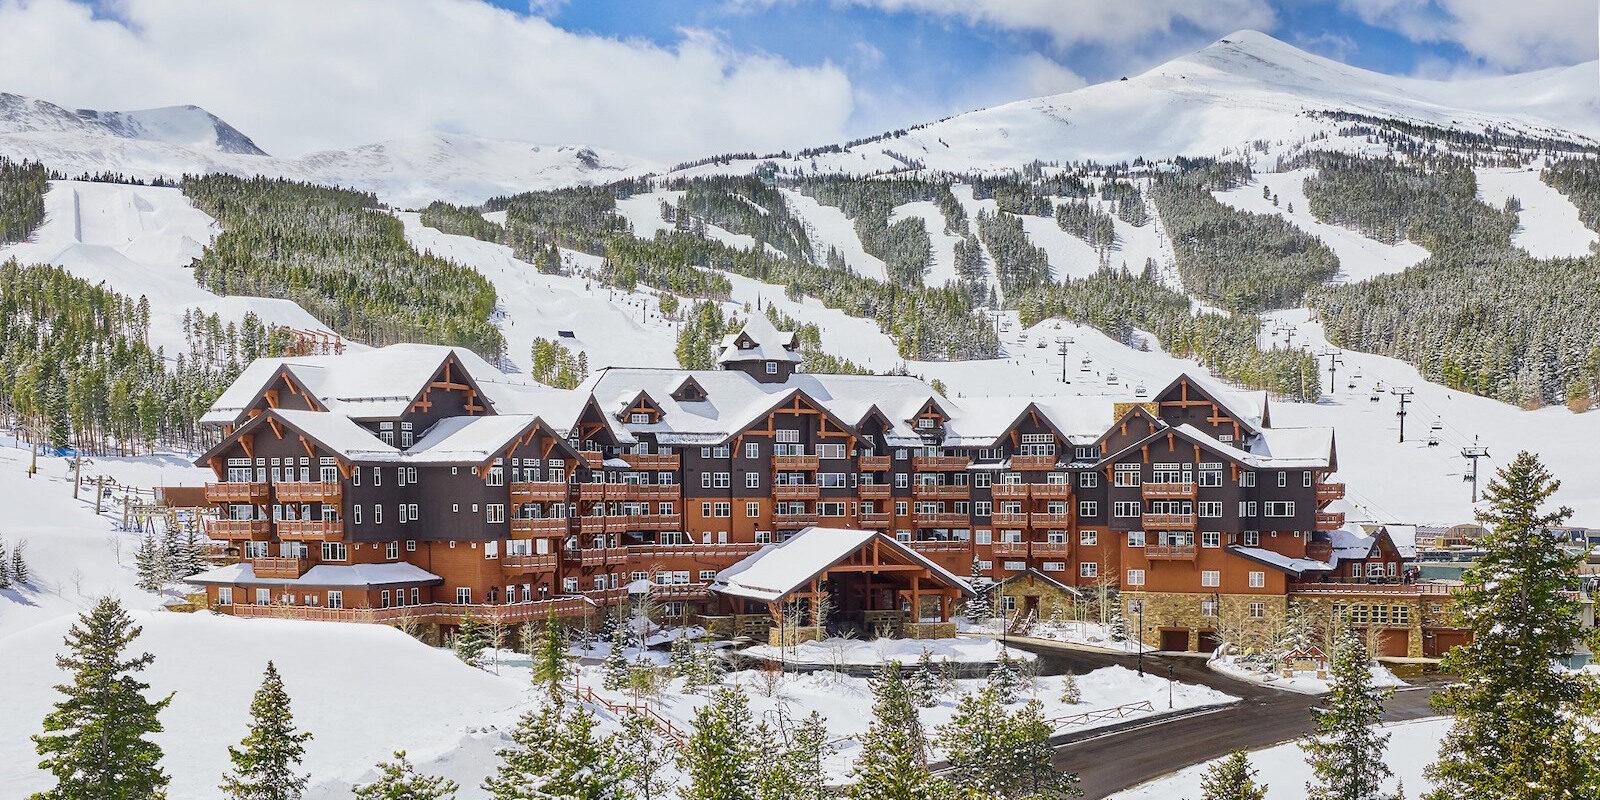 Image of One Ski Hill Place in Breckenridge, Colorado